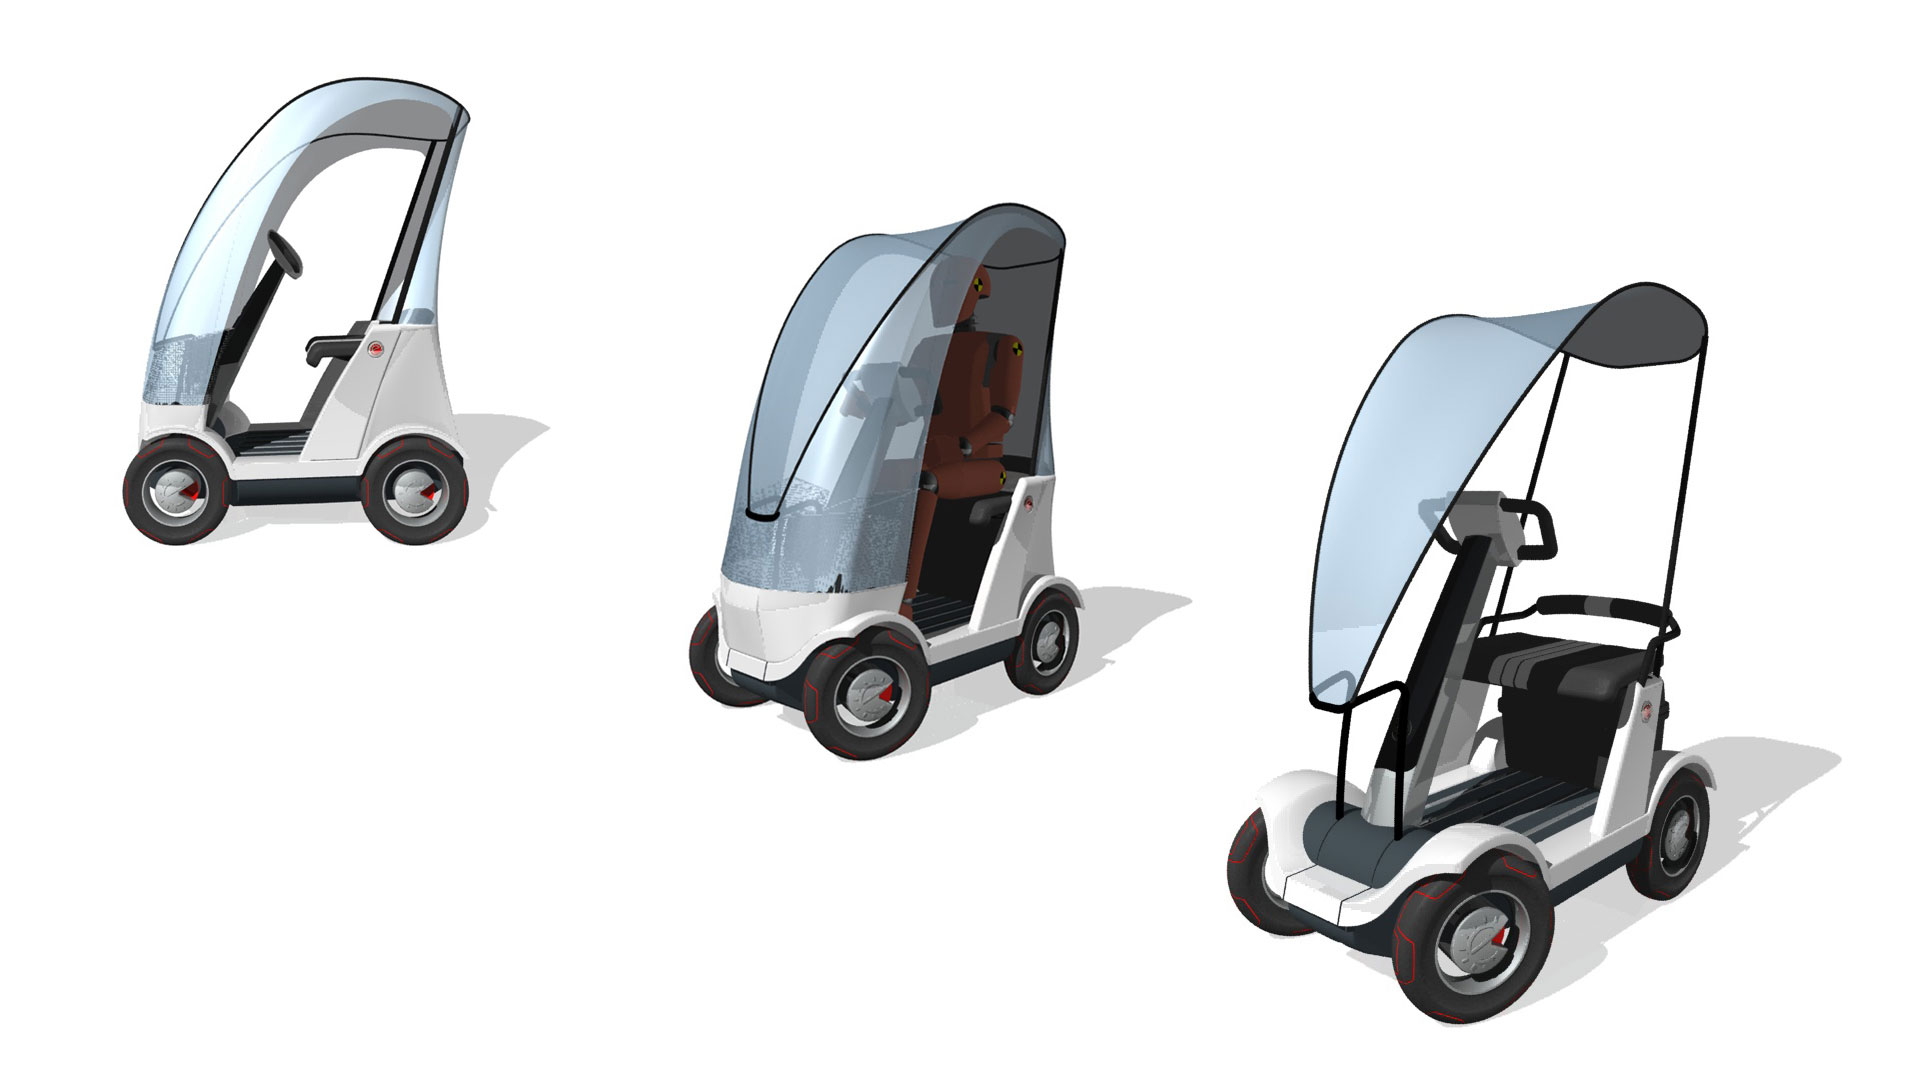 Industriedesign und Produktentwicklung für E-Mobility E-Scooter Verdeckvarianten Schlagheck Design.